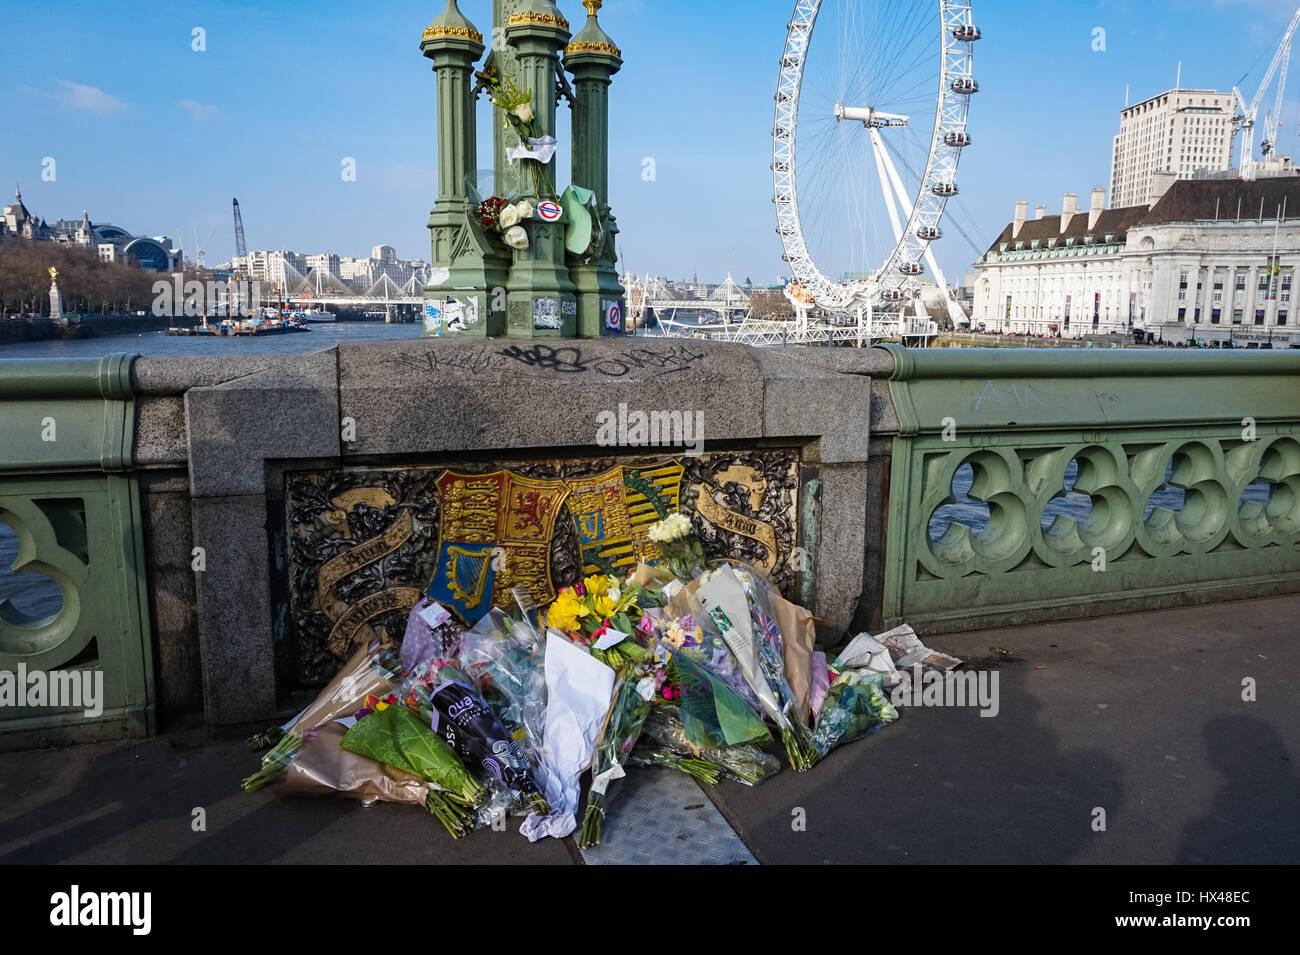 Londres, Royaume-Uni. 24 mars, 2017. Tributs floraux pour les victimes sur le pont de Westminster après l'attaque terroriste. Credit: Marcin Rogozinski/Alamy Live News Banque D'Images